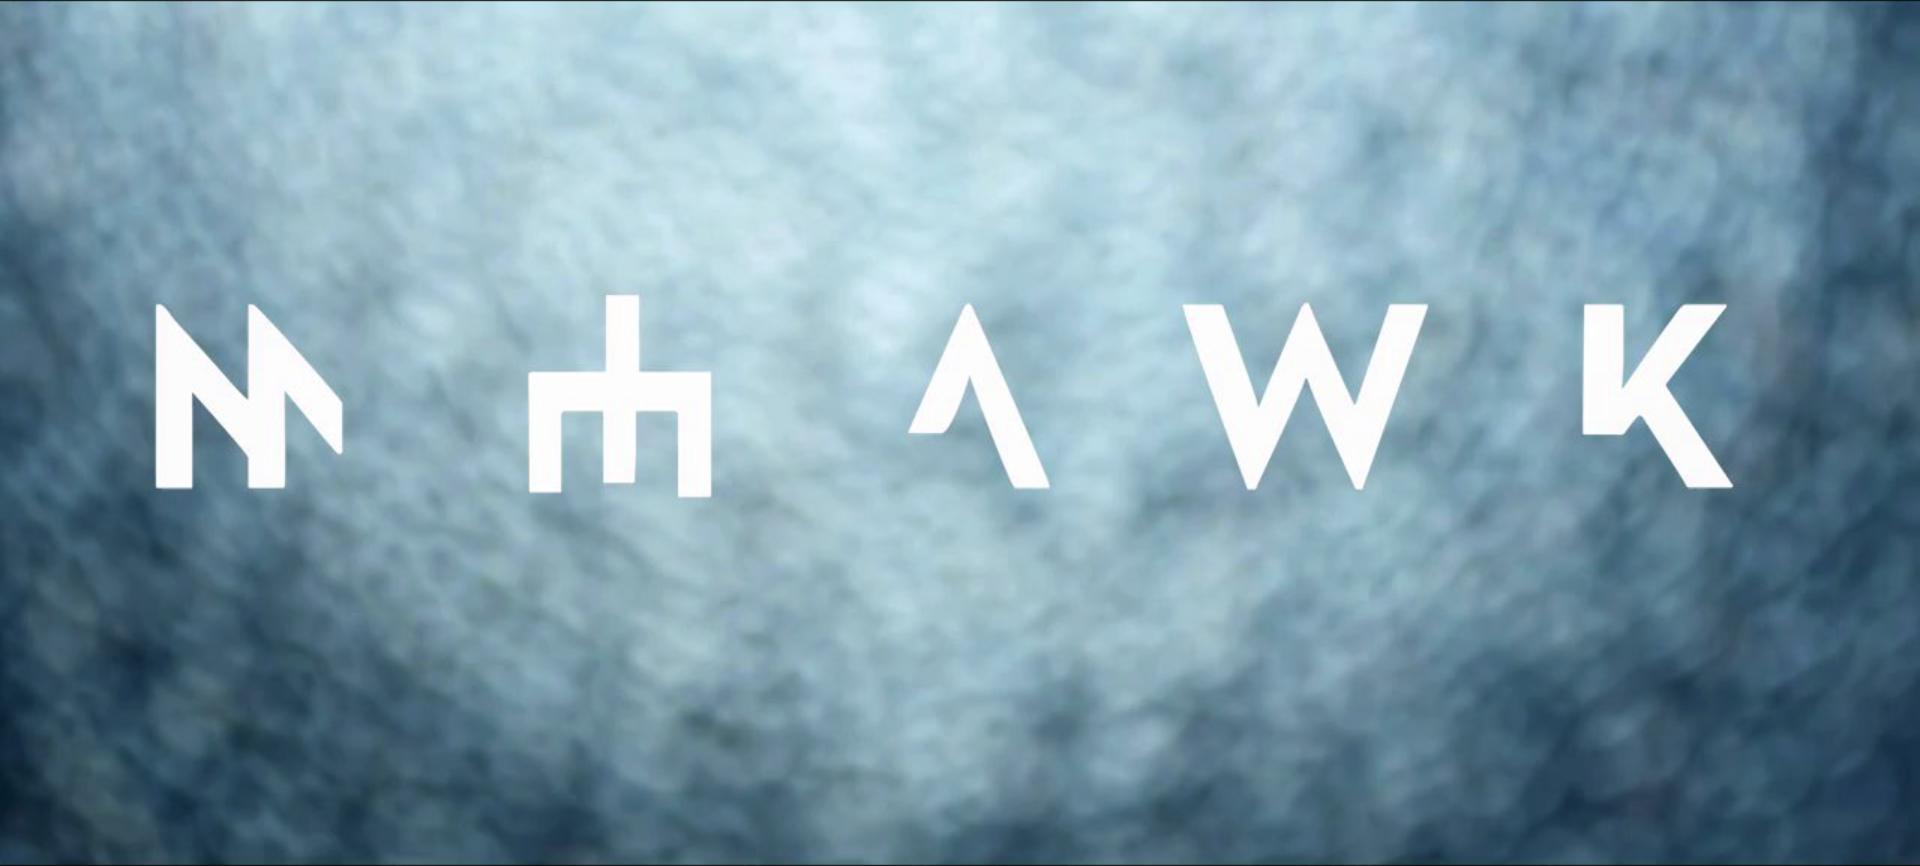 Mehawk - Abovt